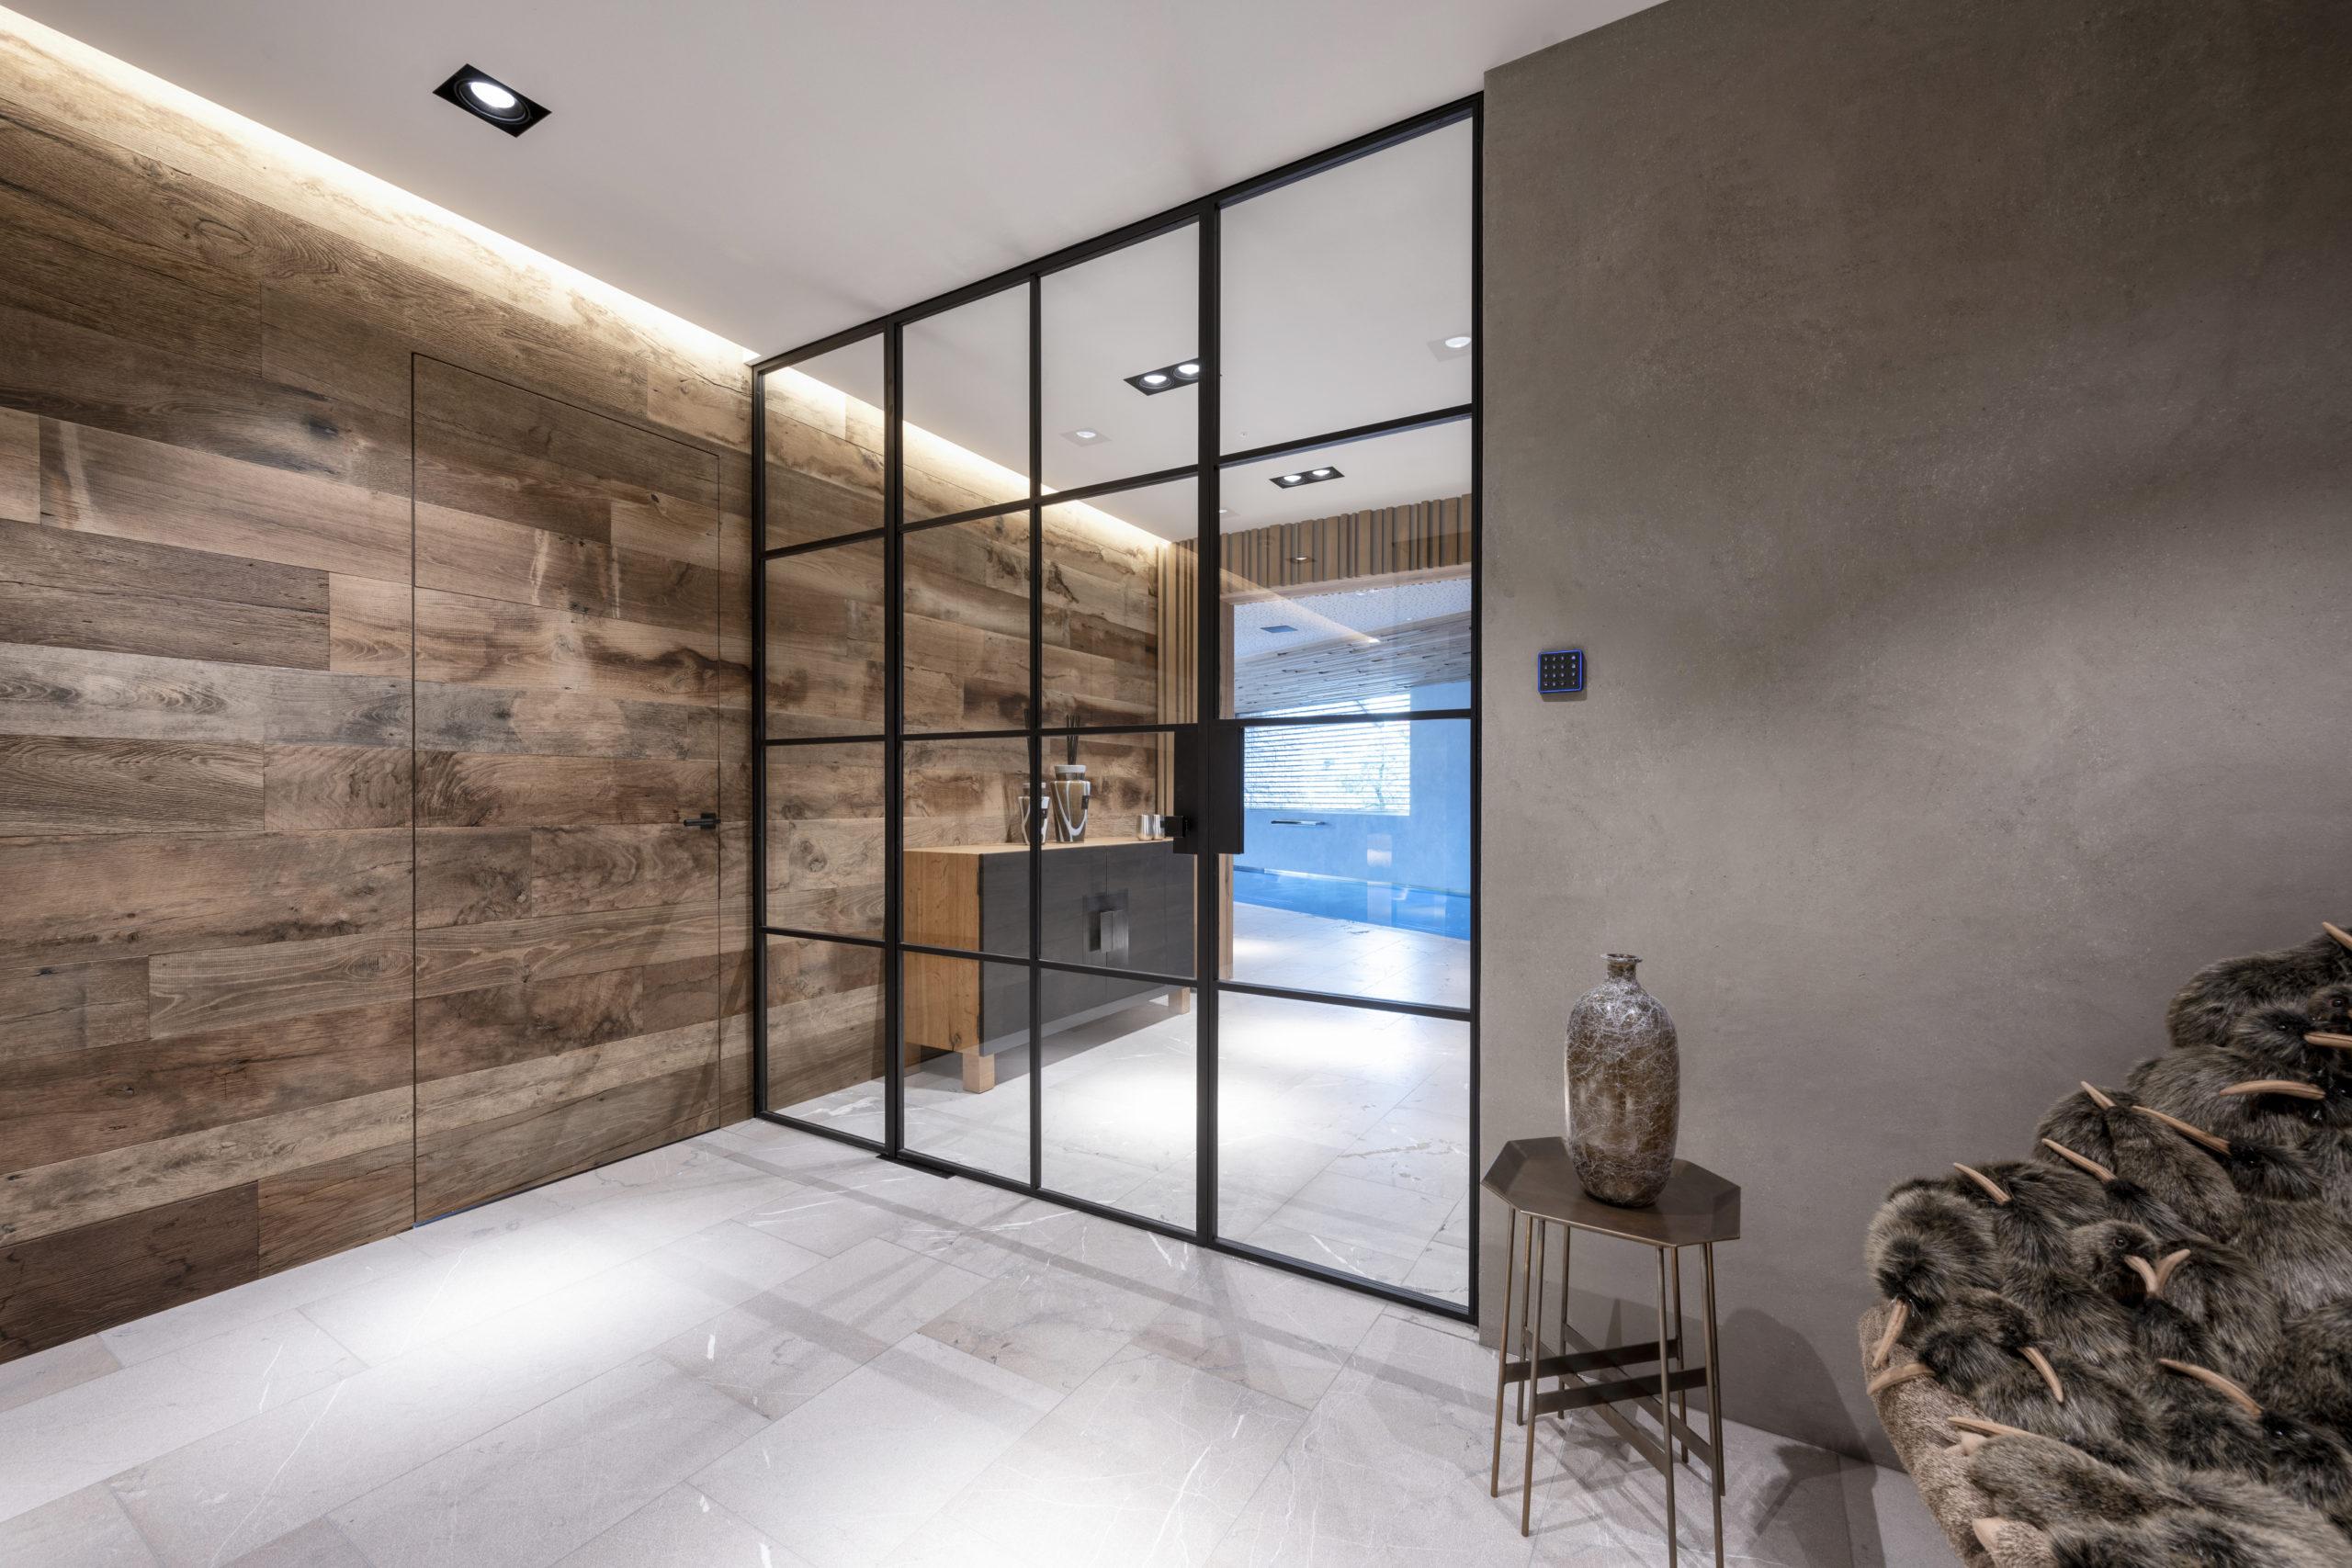 B&W Glasbau Kirchbichl Verglasung Glastür ESG Einscheibensicherheitsglas Ganzglasanlage